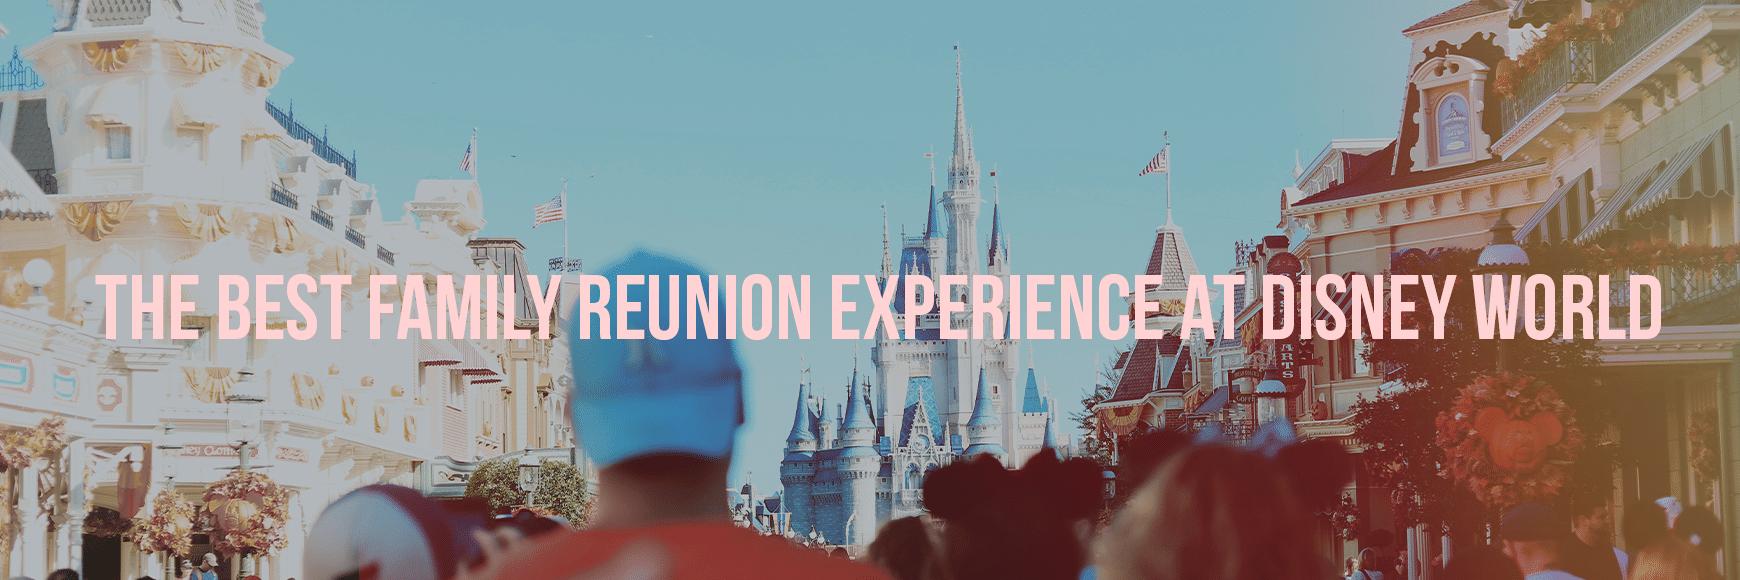 Family Experience - Disney World Vacation